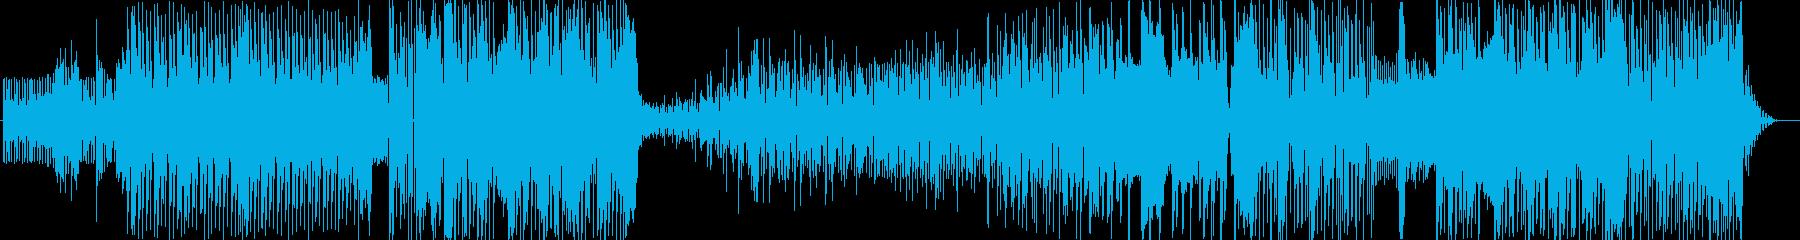 抑揚感のあるテクノソングの再生済みの波形